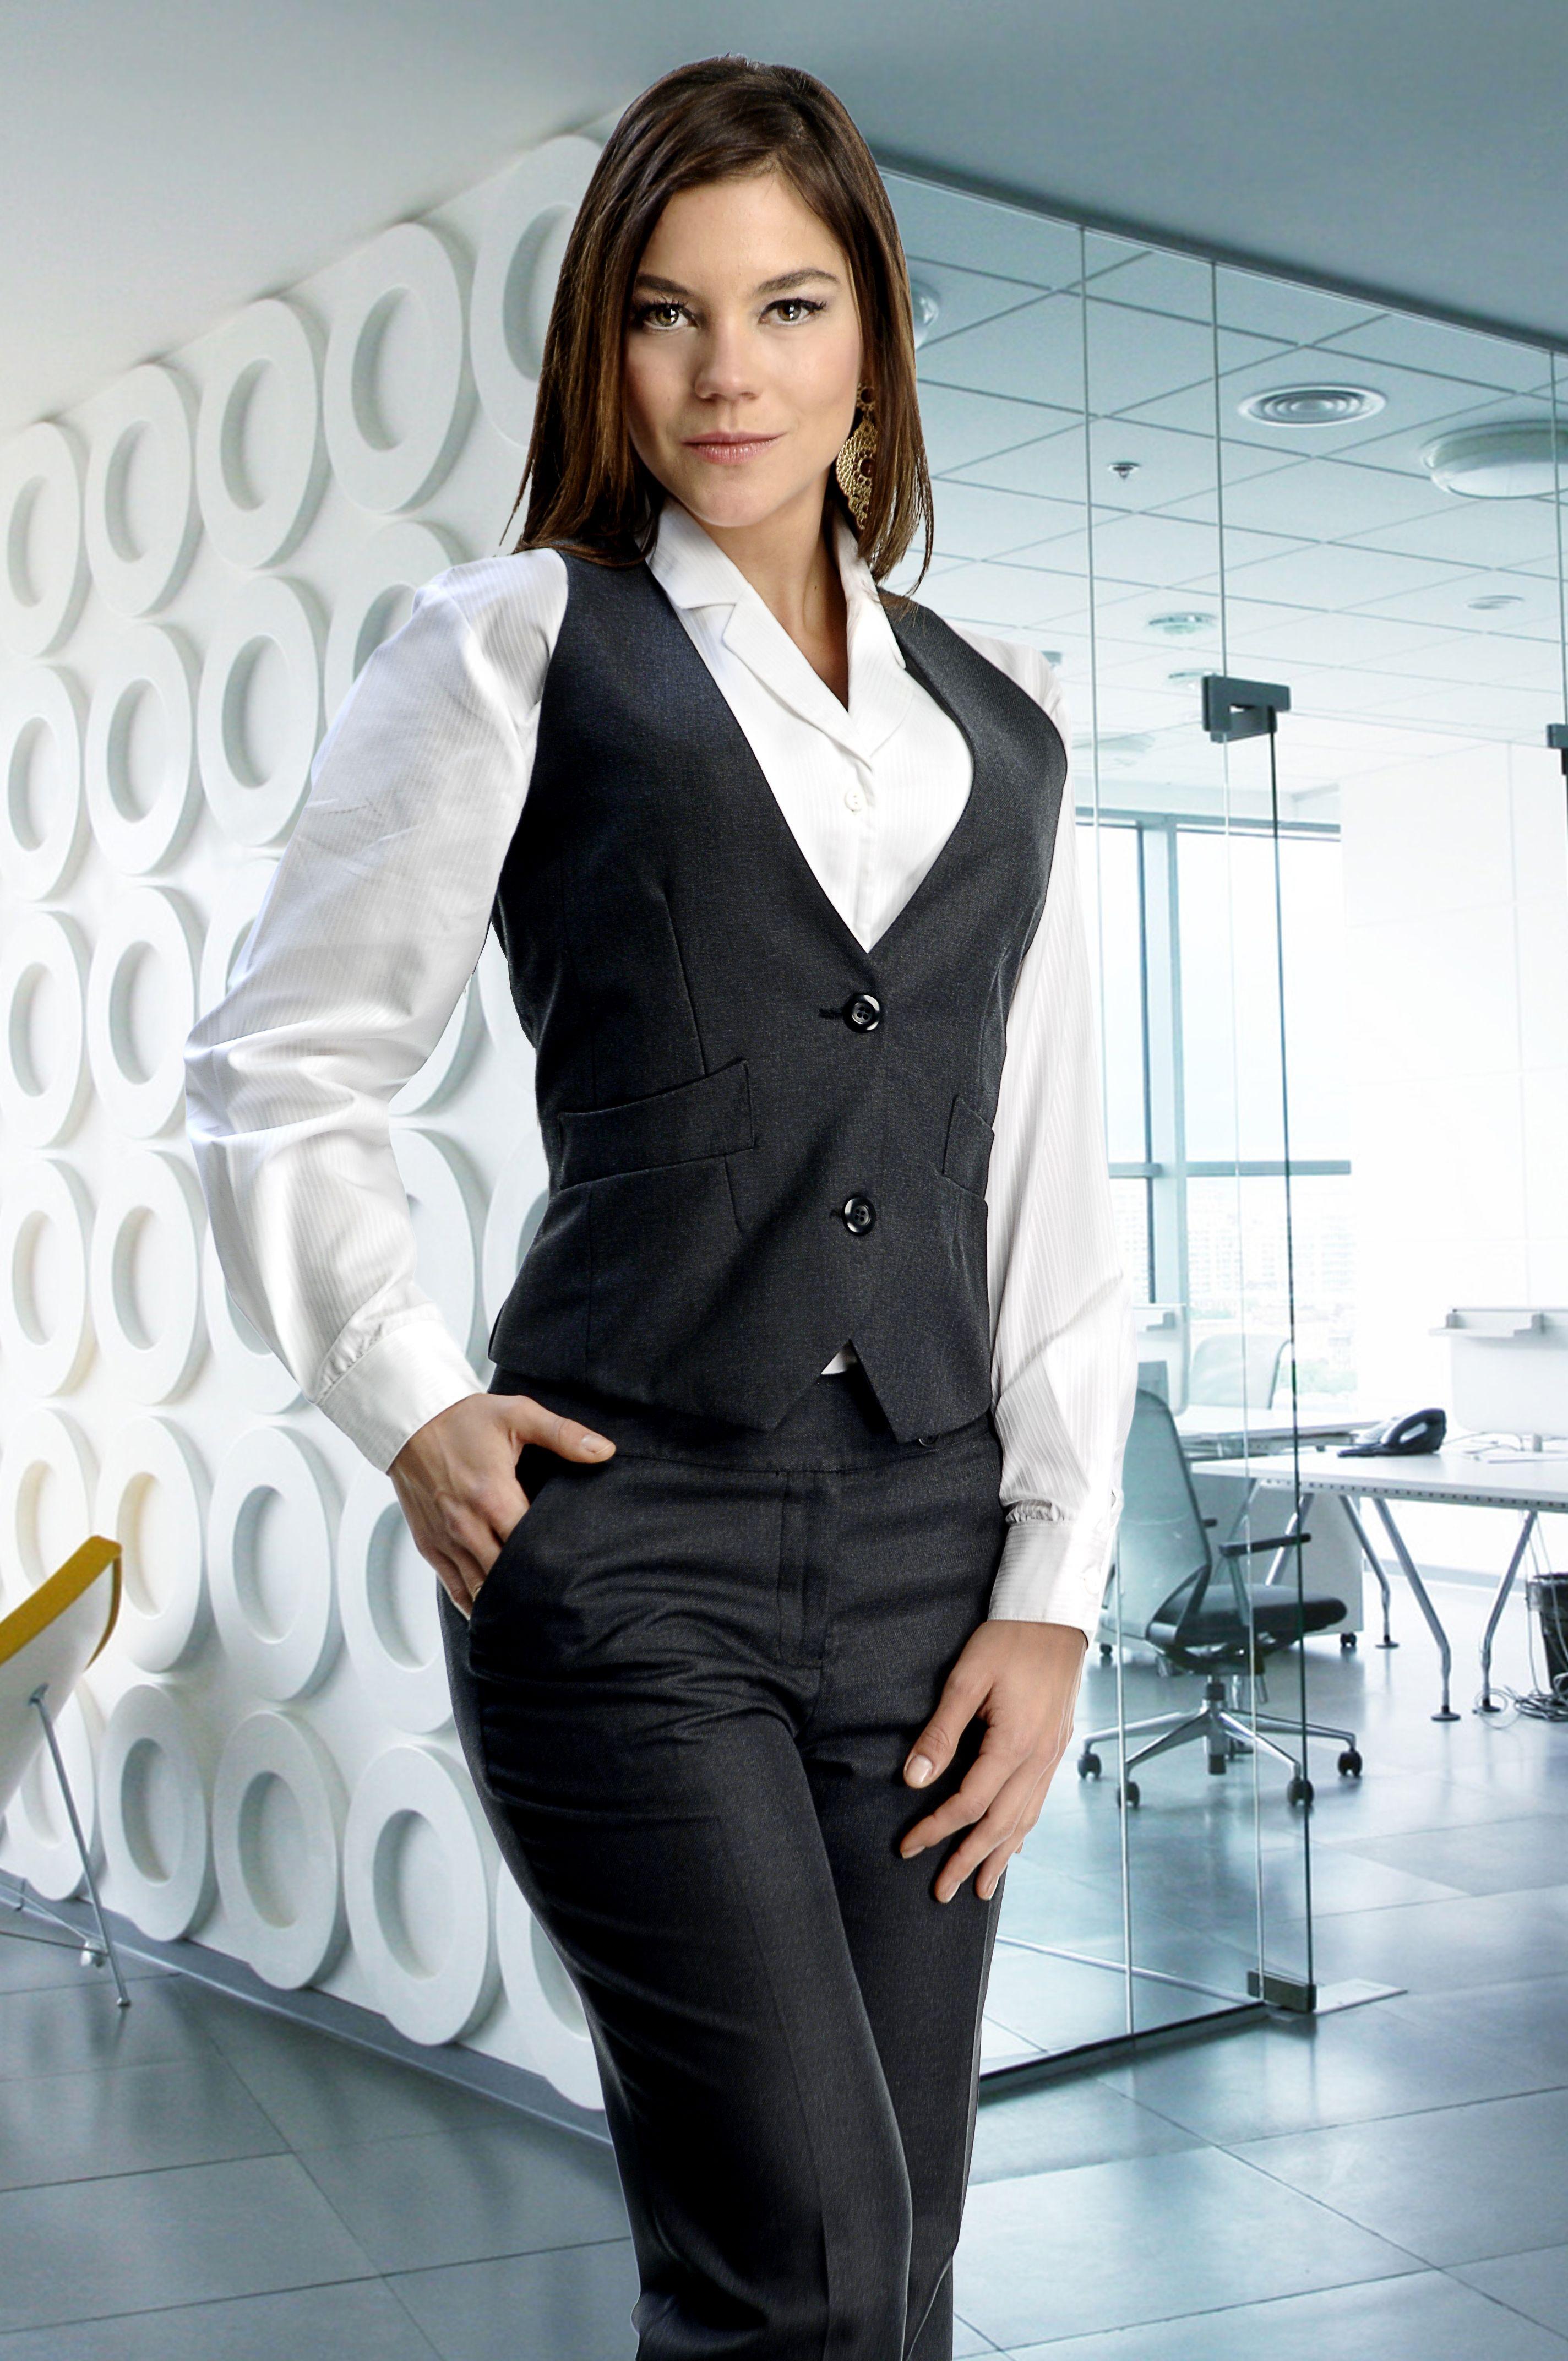 Uniforme para personal femenino de tres piezas pantalón y chaleco gris y  blusa blanca http  e001644d0db9